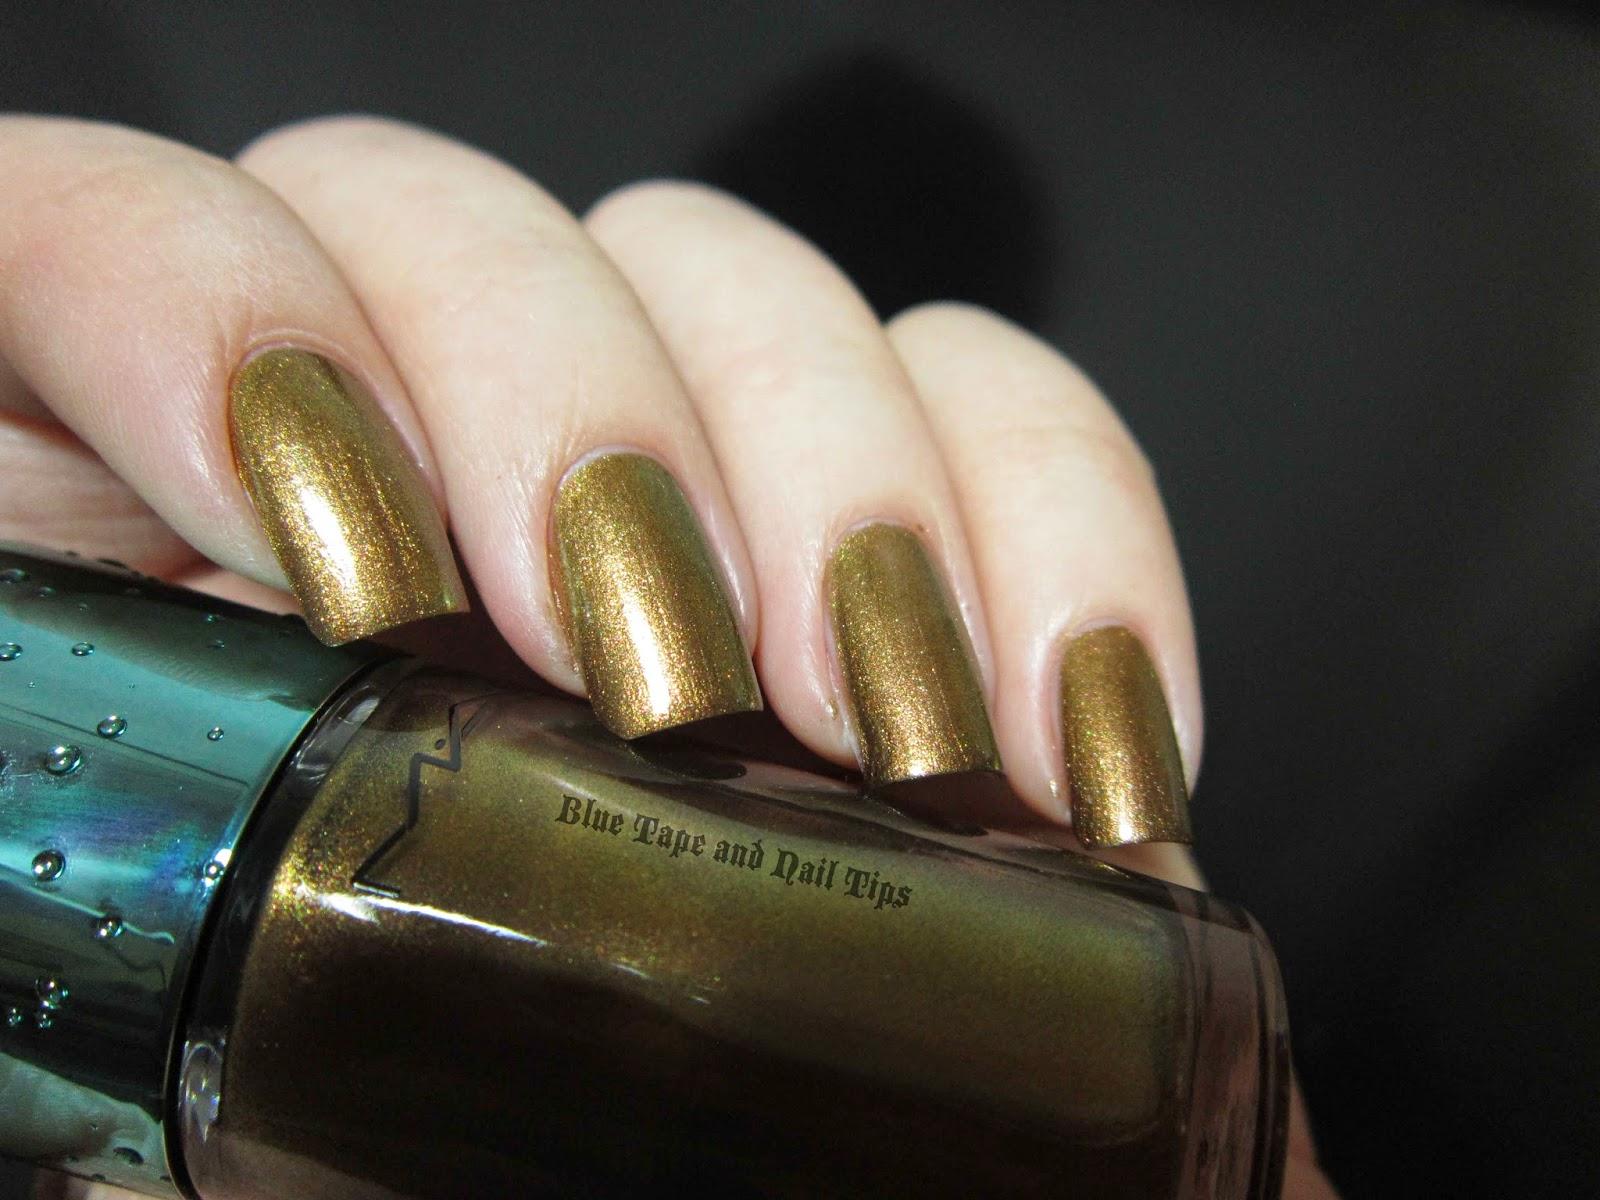 Blue Tape and Nail Tips: MAC Alluring Aquatic Nail Polishes